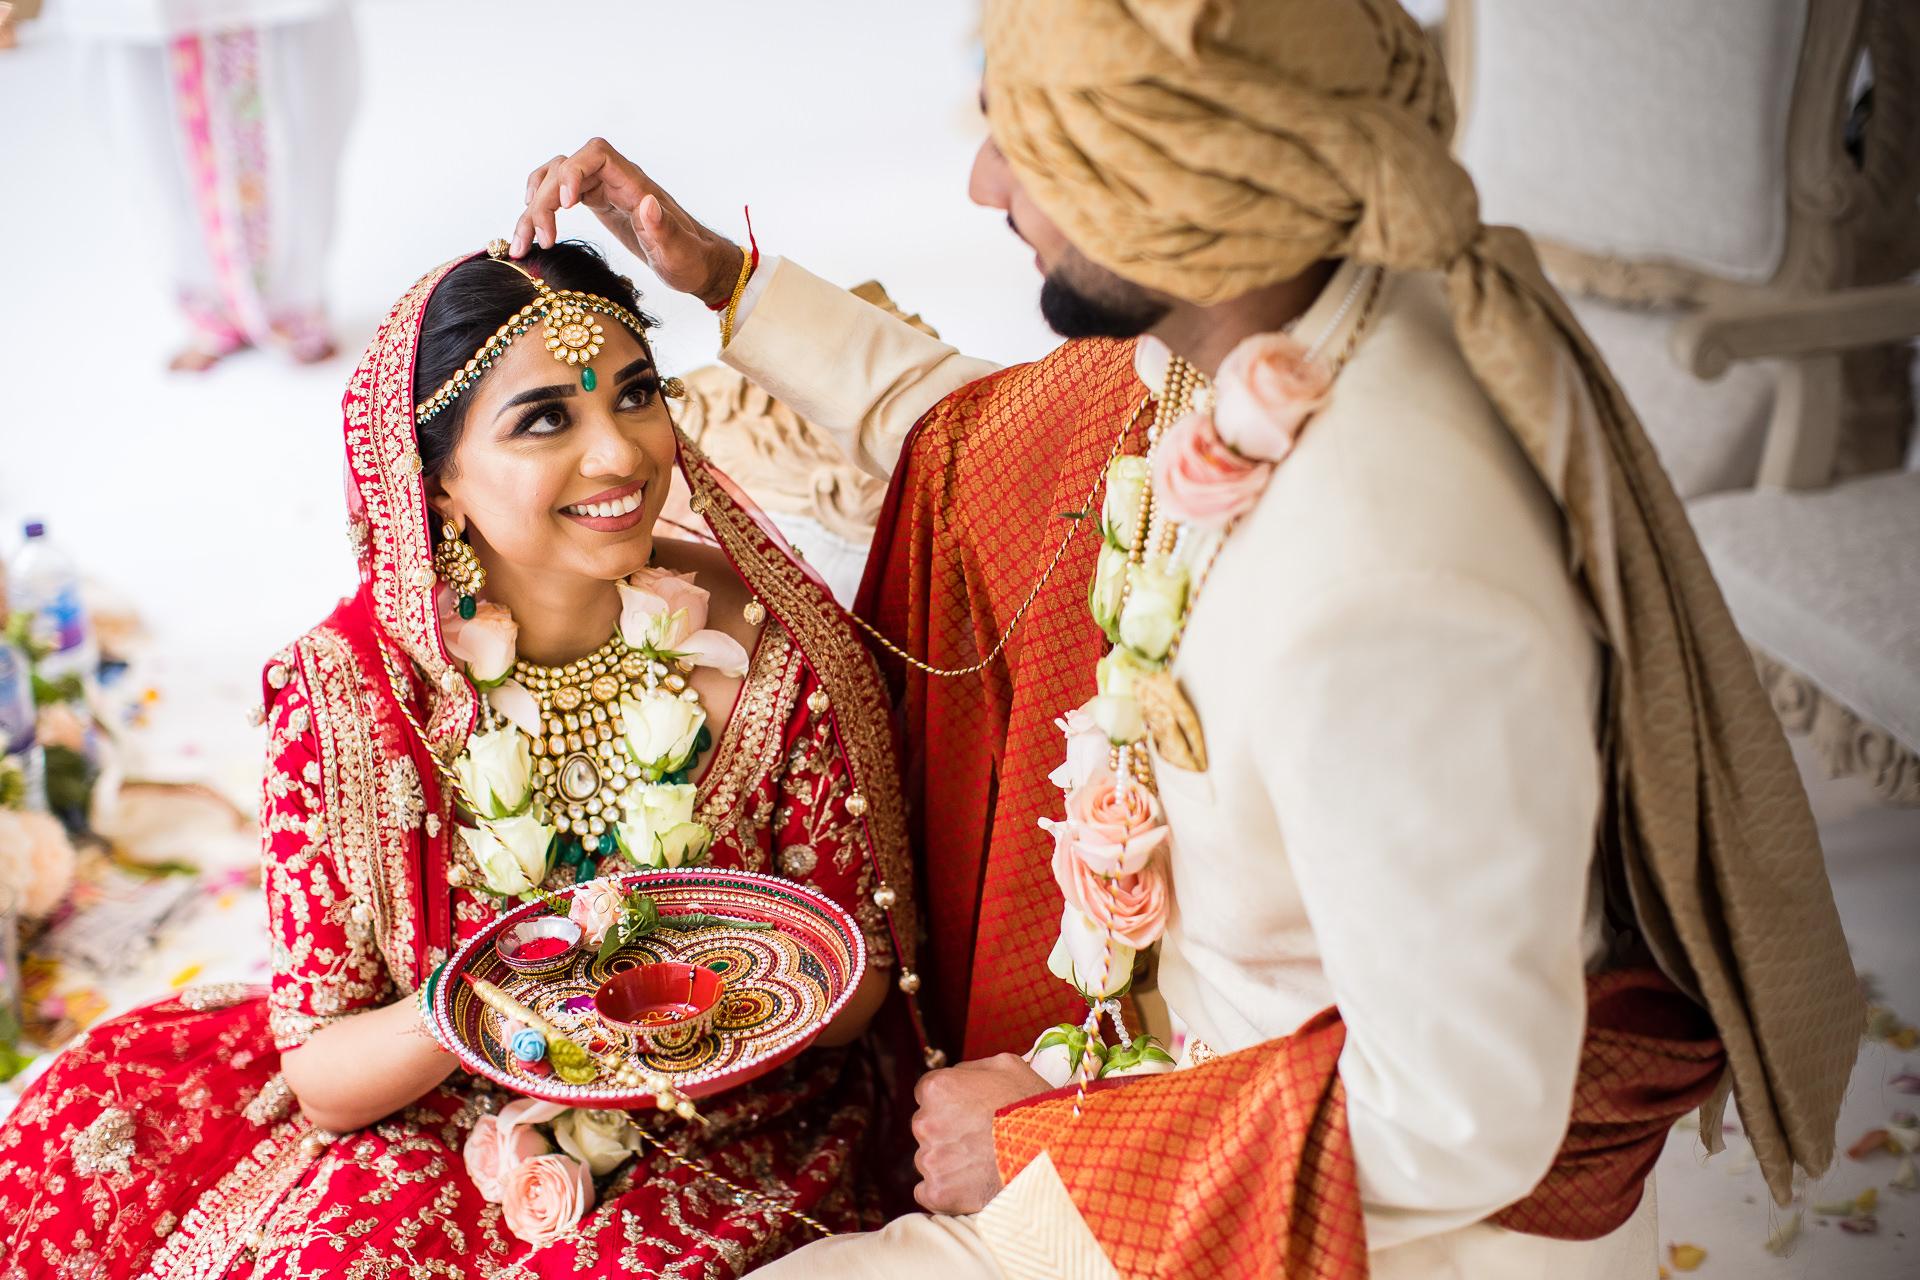 Indian wedding Sindoor ceremony